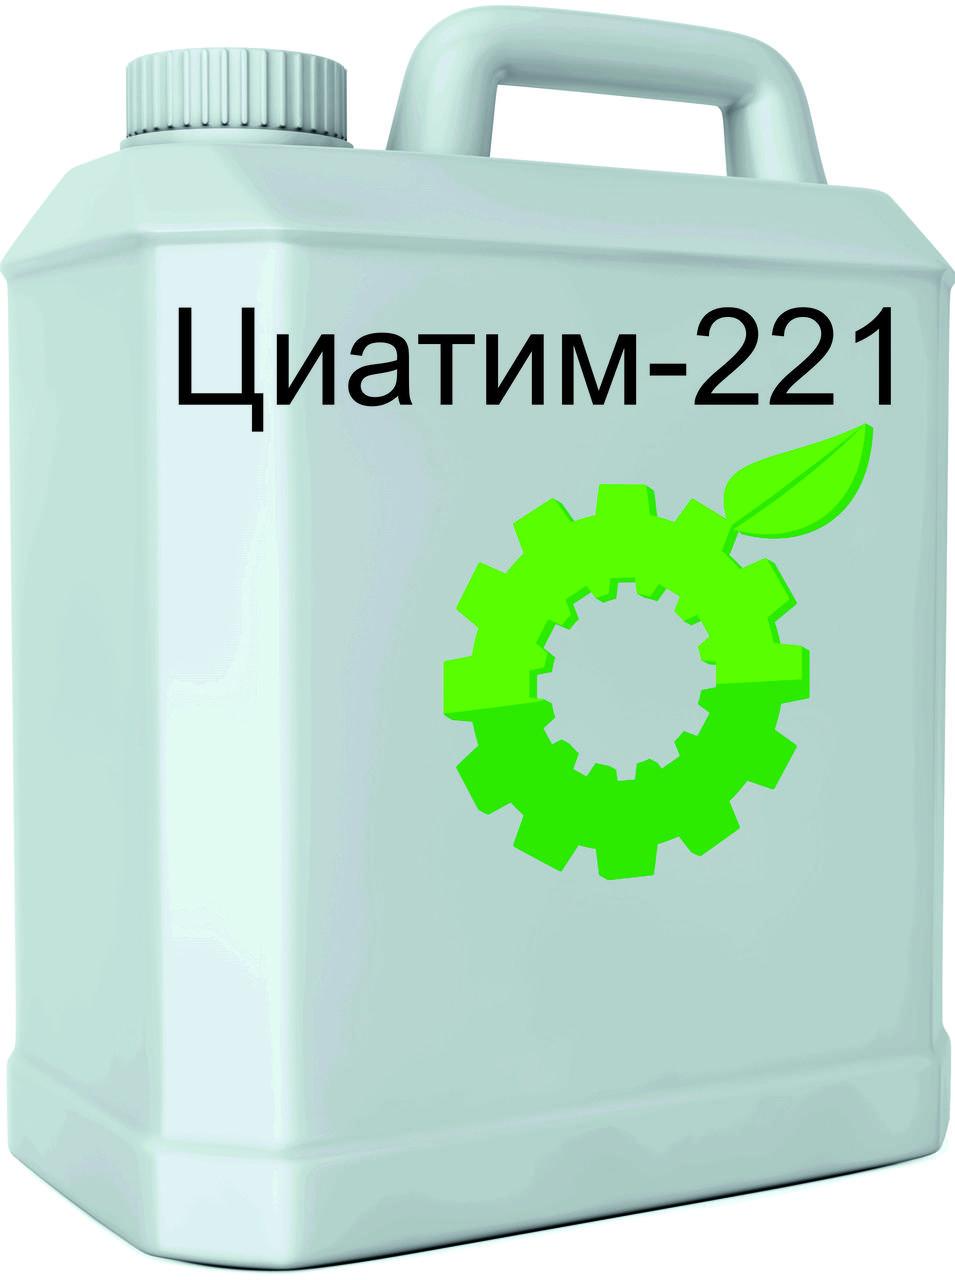 Смазка Циатим-221 (0,8кг) - фото 1